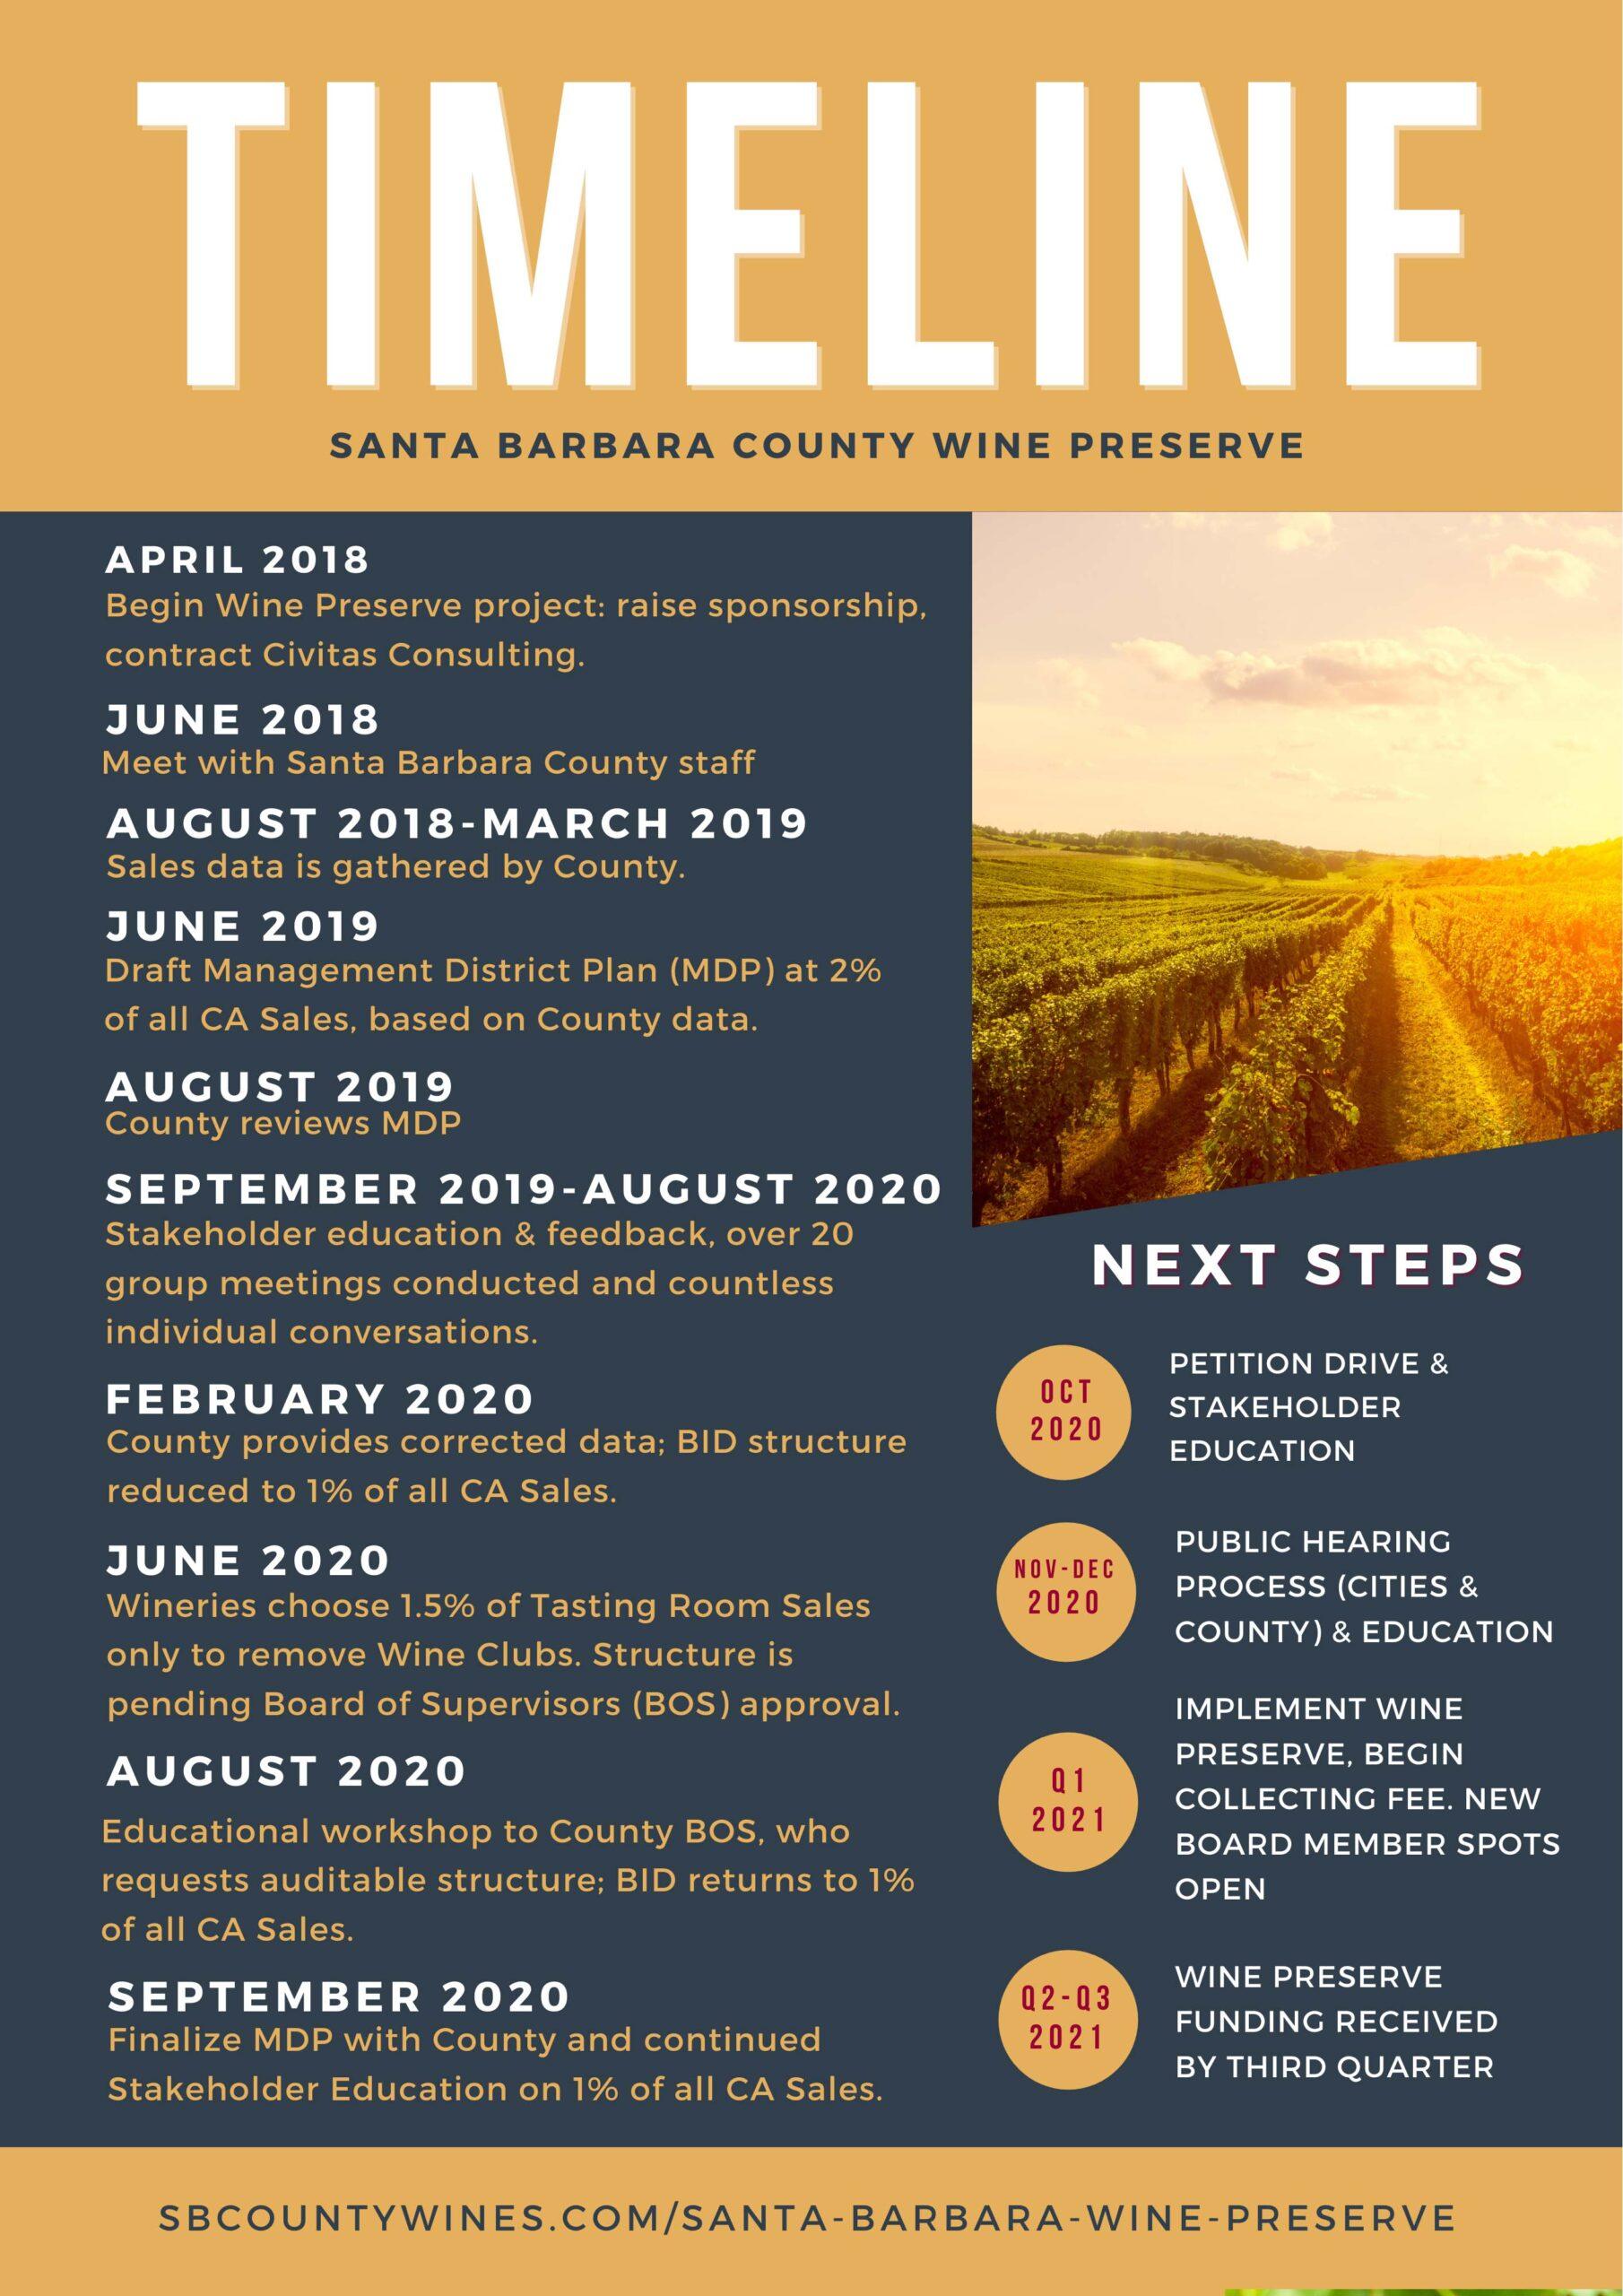 Santa Barbara Wine Preserve Timeline